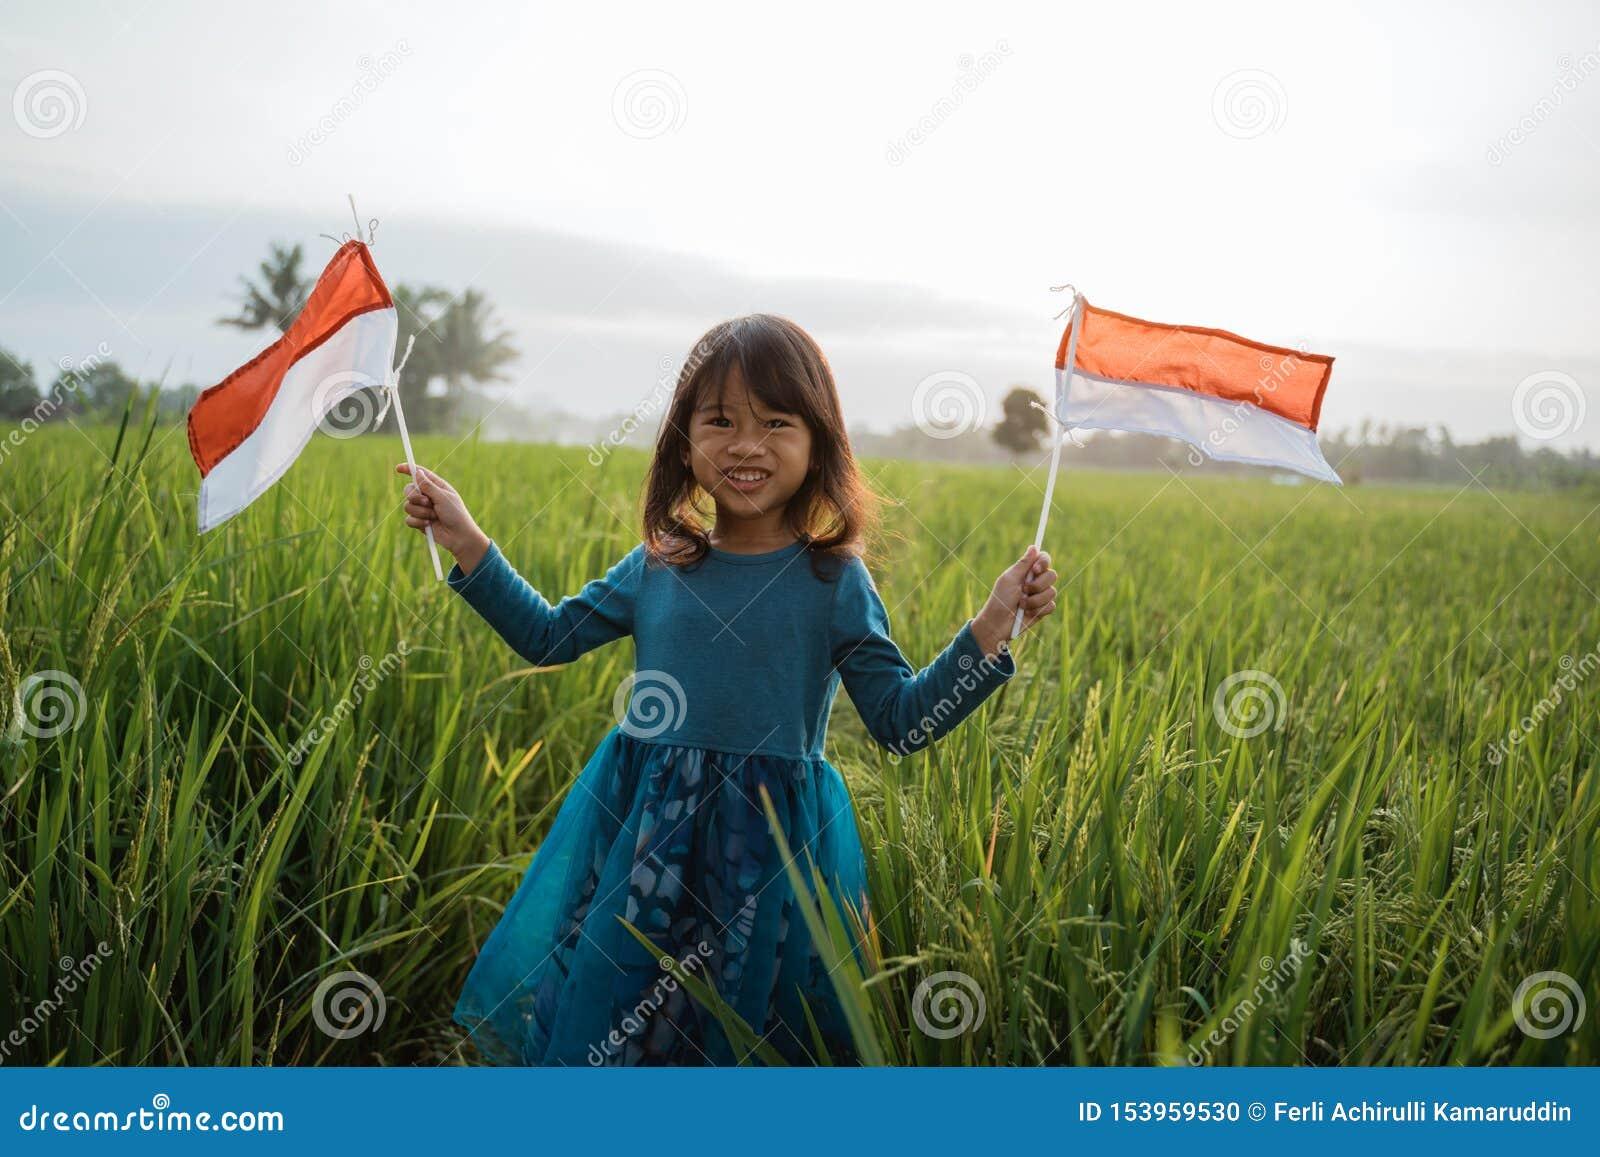 Indonesisch jong geitje met nationale vlag